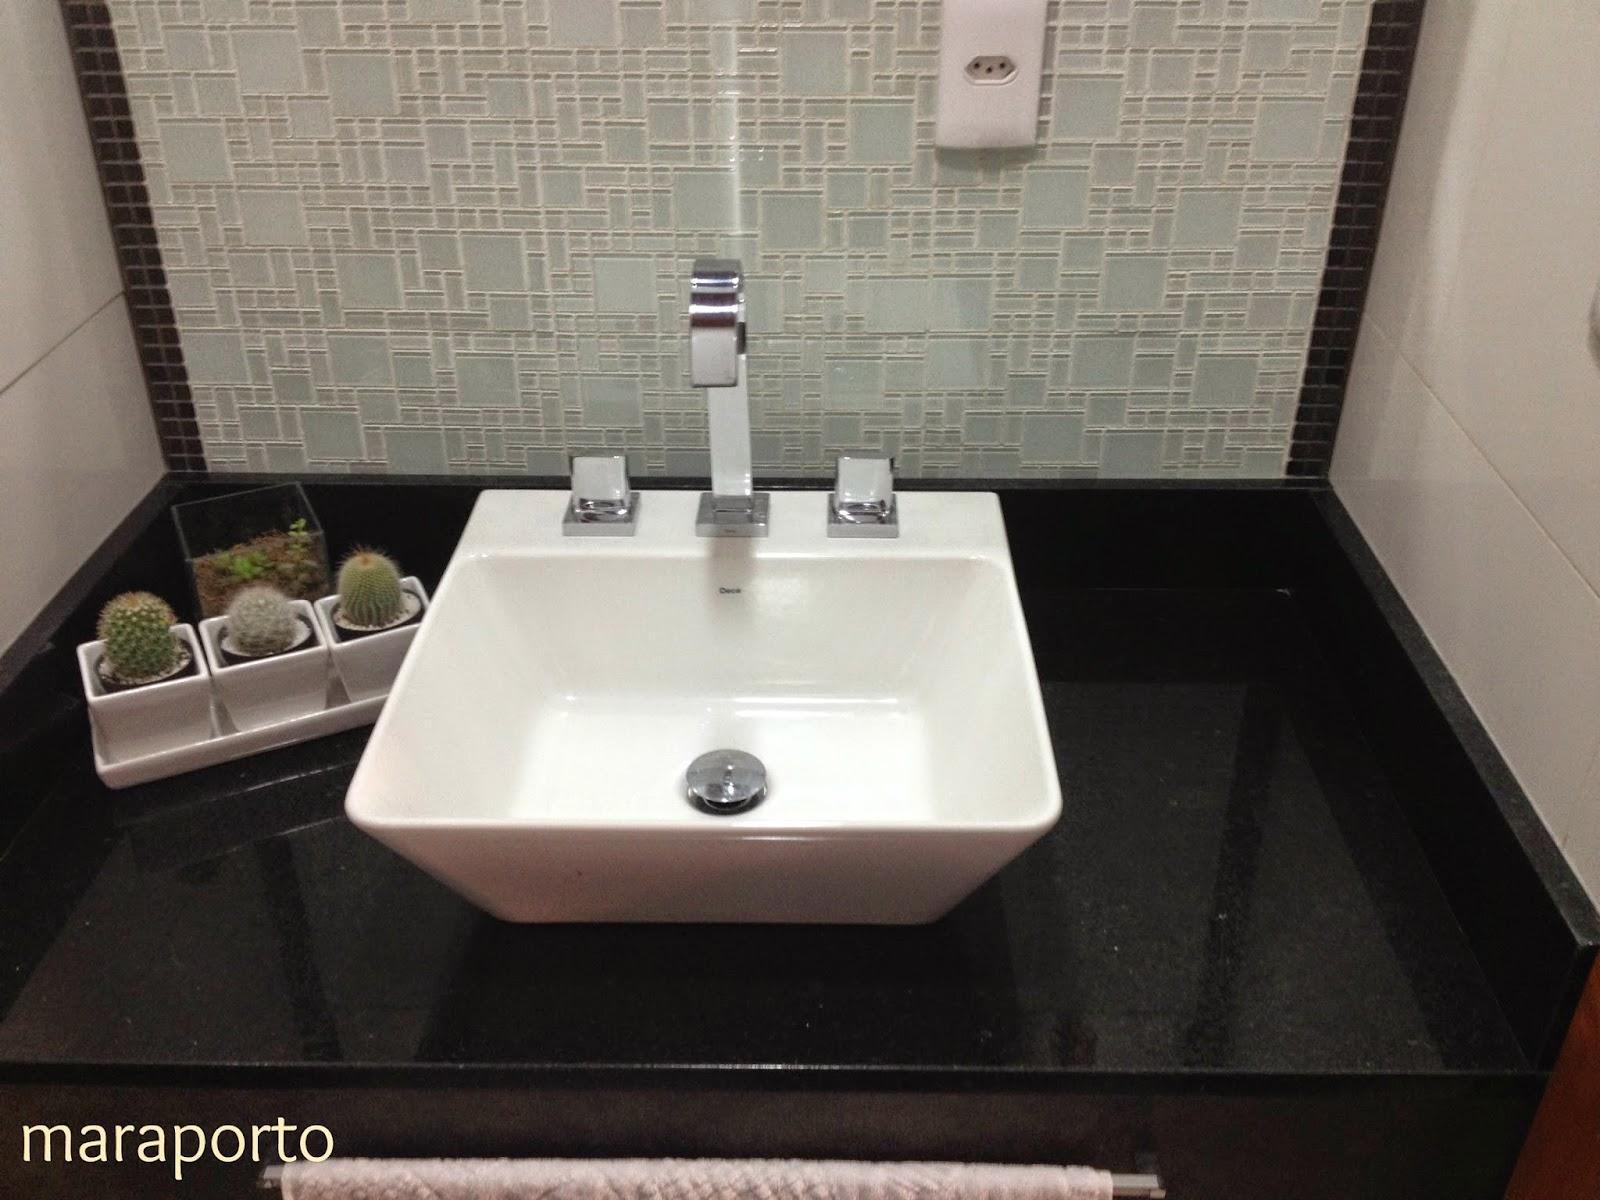 bancada é de granito preto com a pia sobreposta é uma bancada bem  #505922 1600x1200 Bancada Banheiro Usada